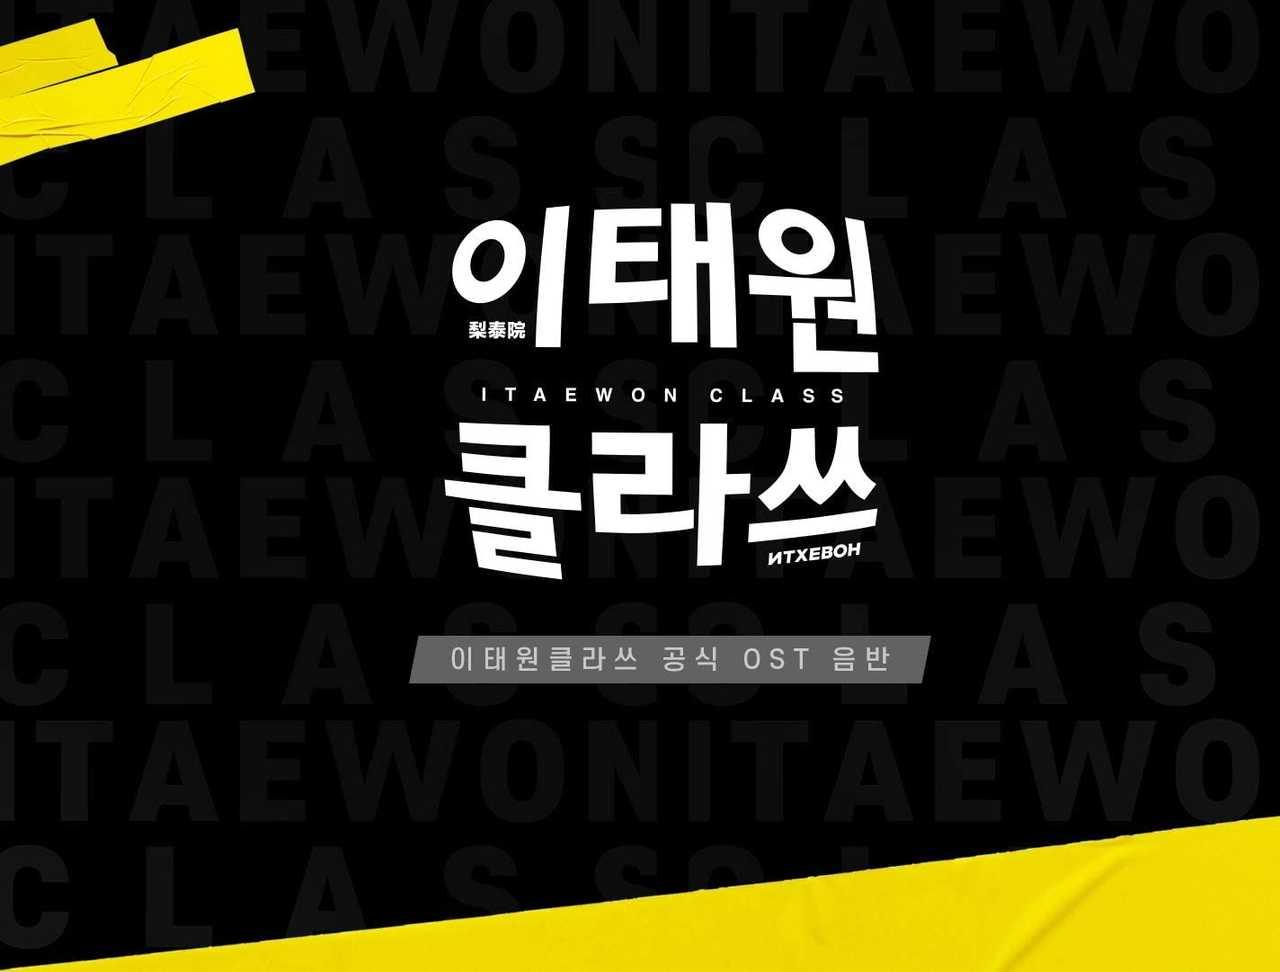 韓国ドラマ「梨泰院クラス」は痛快復讐劇!観たらあなたも酔いしれる